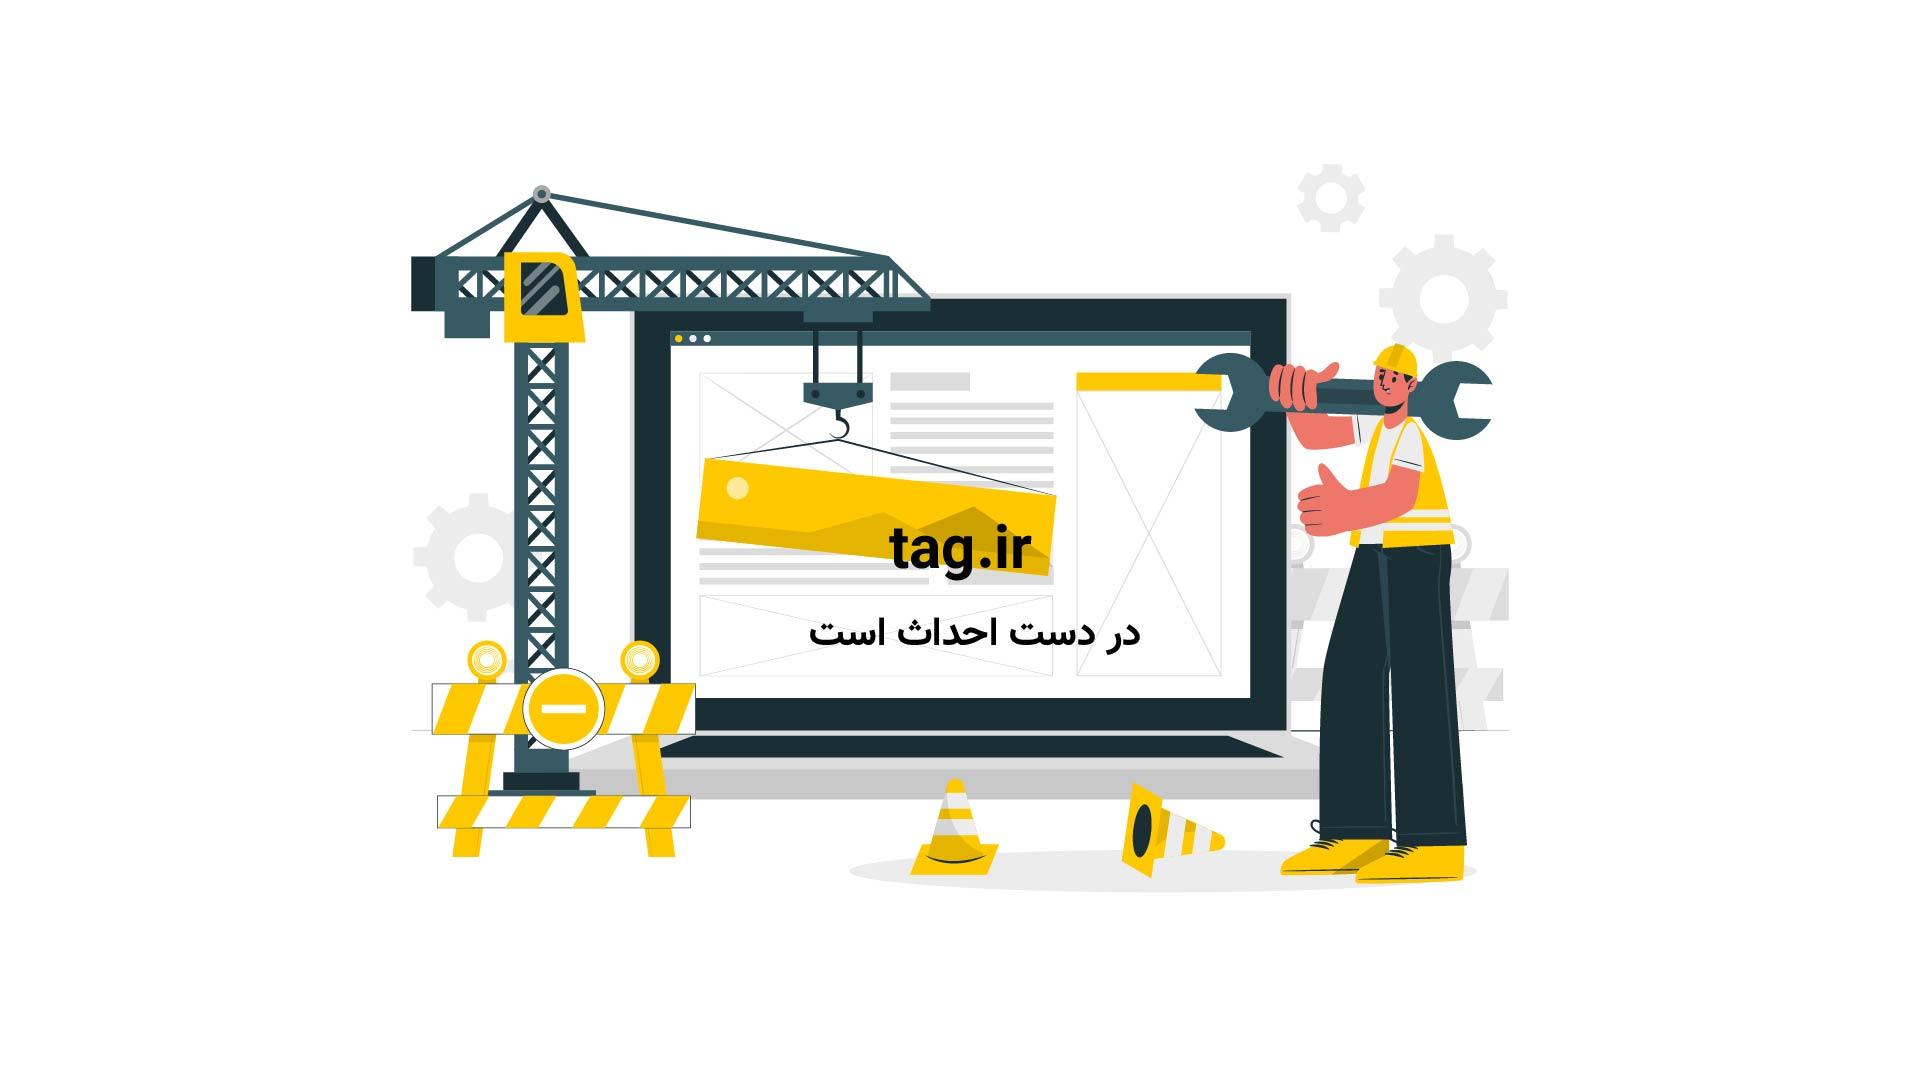 سخنرانیهای تد؛ فرزندان مهاجران چطور زندگی میکنند | فیلم